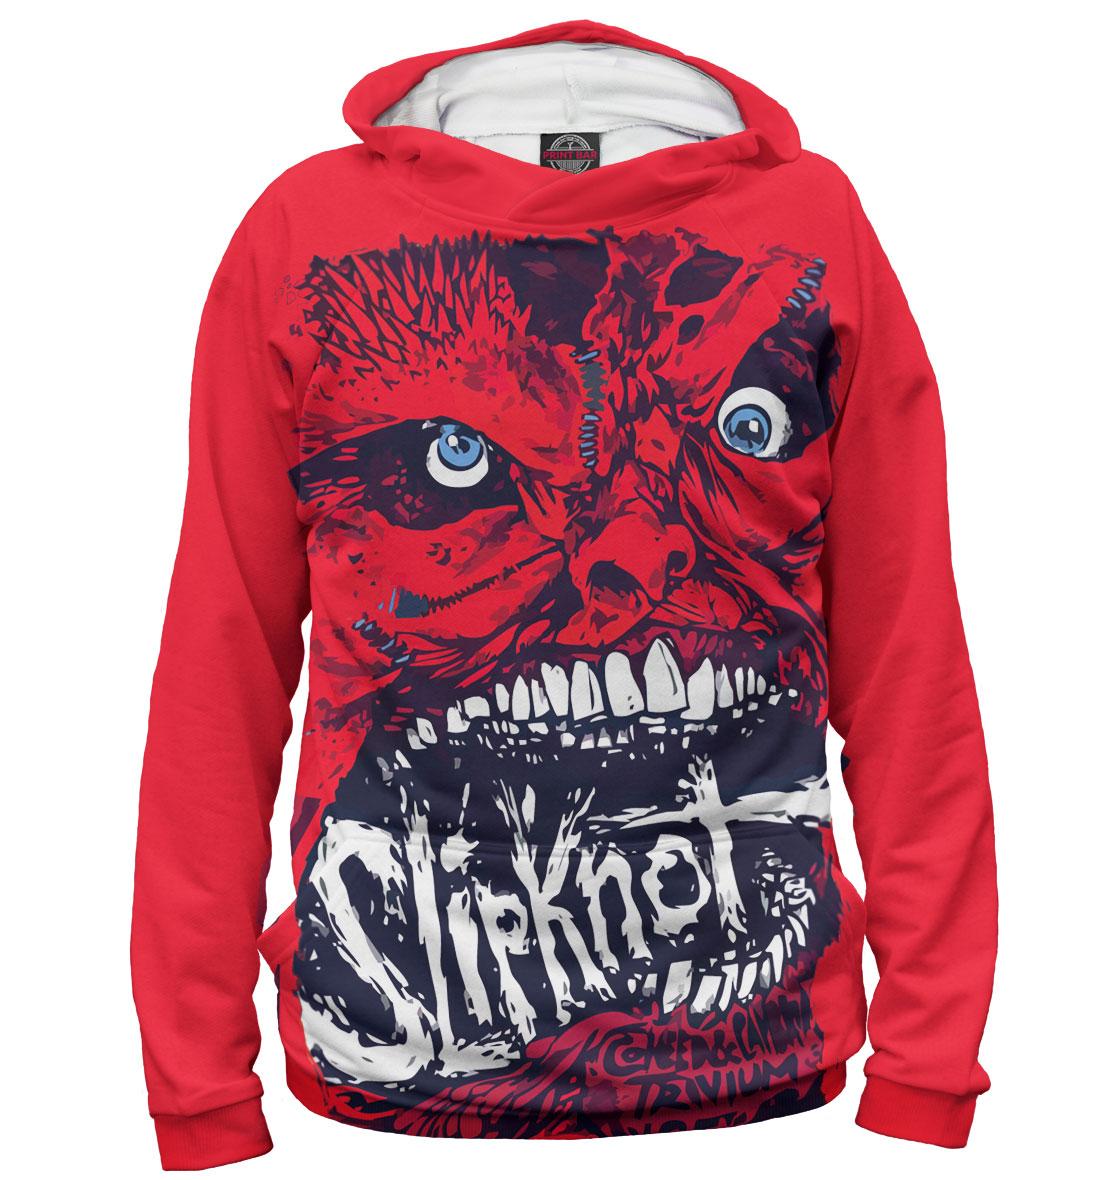 Купить Slipknot, Printbar, Худи, SLI-495586-hud-2